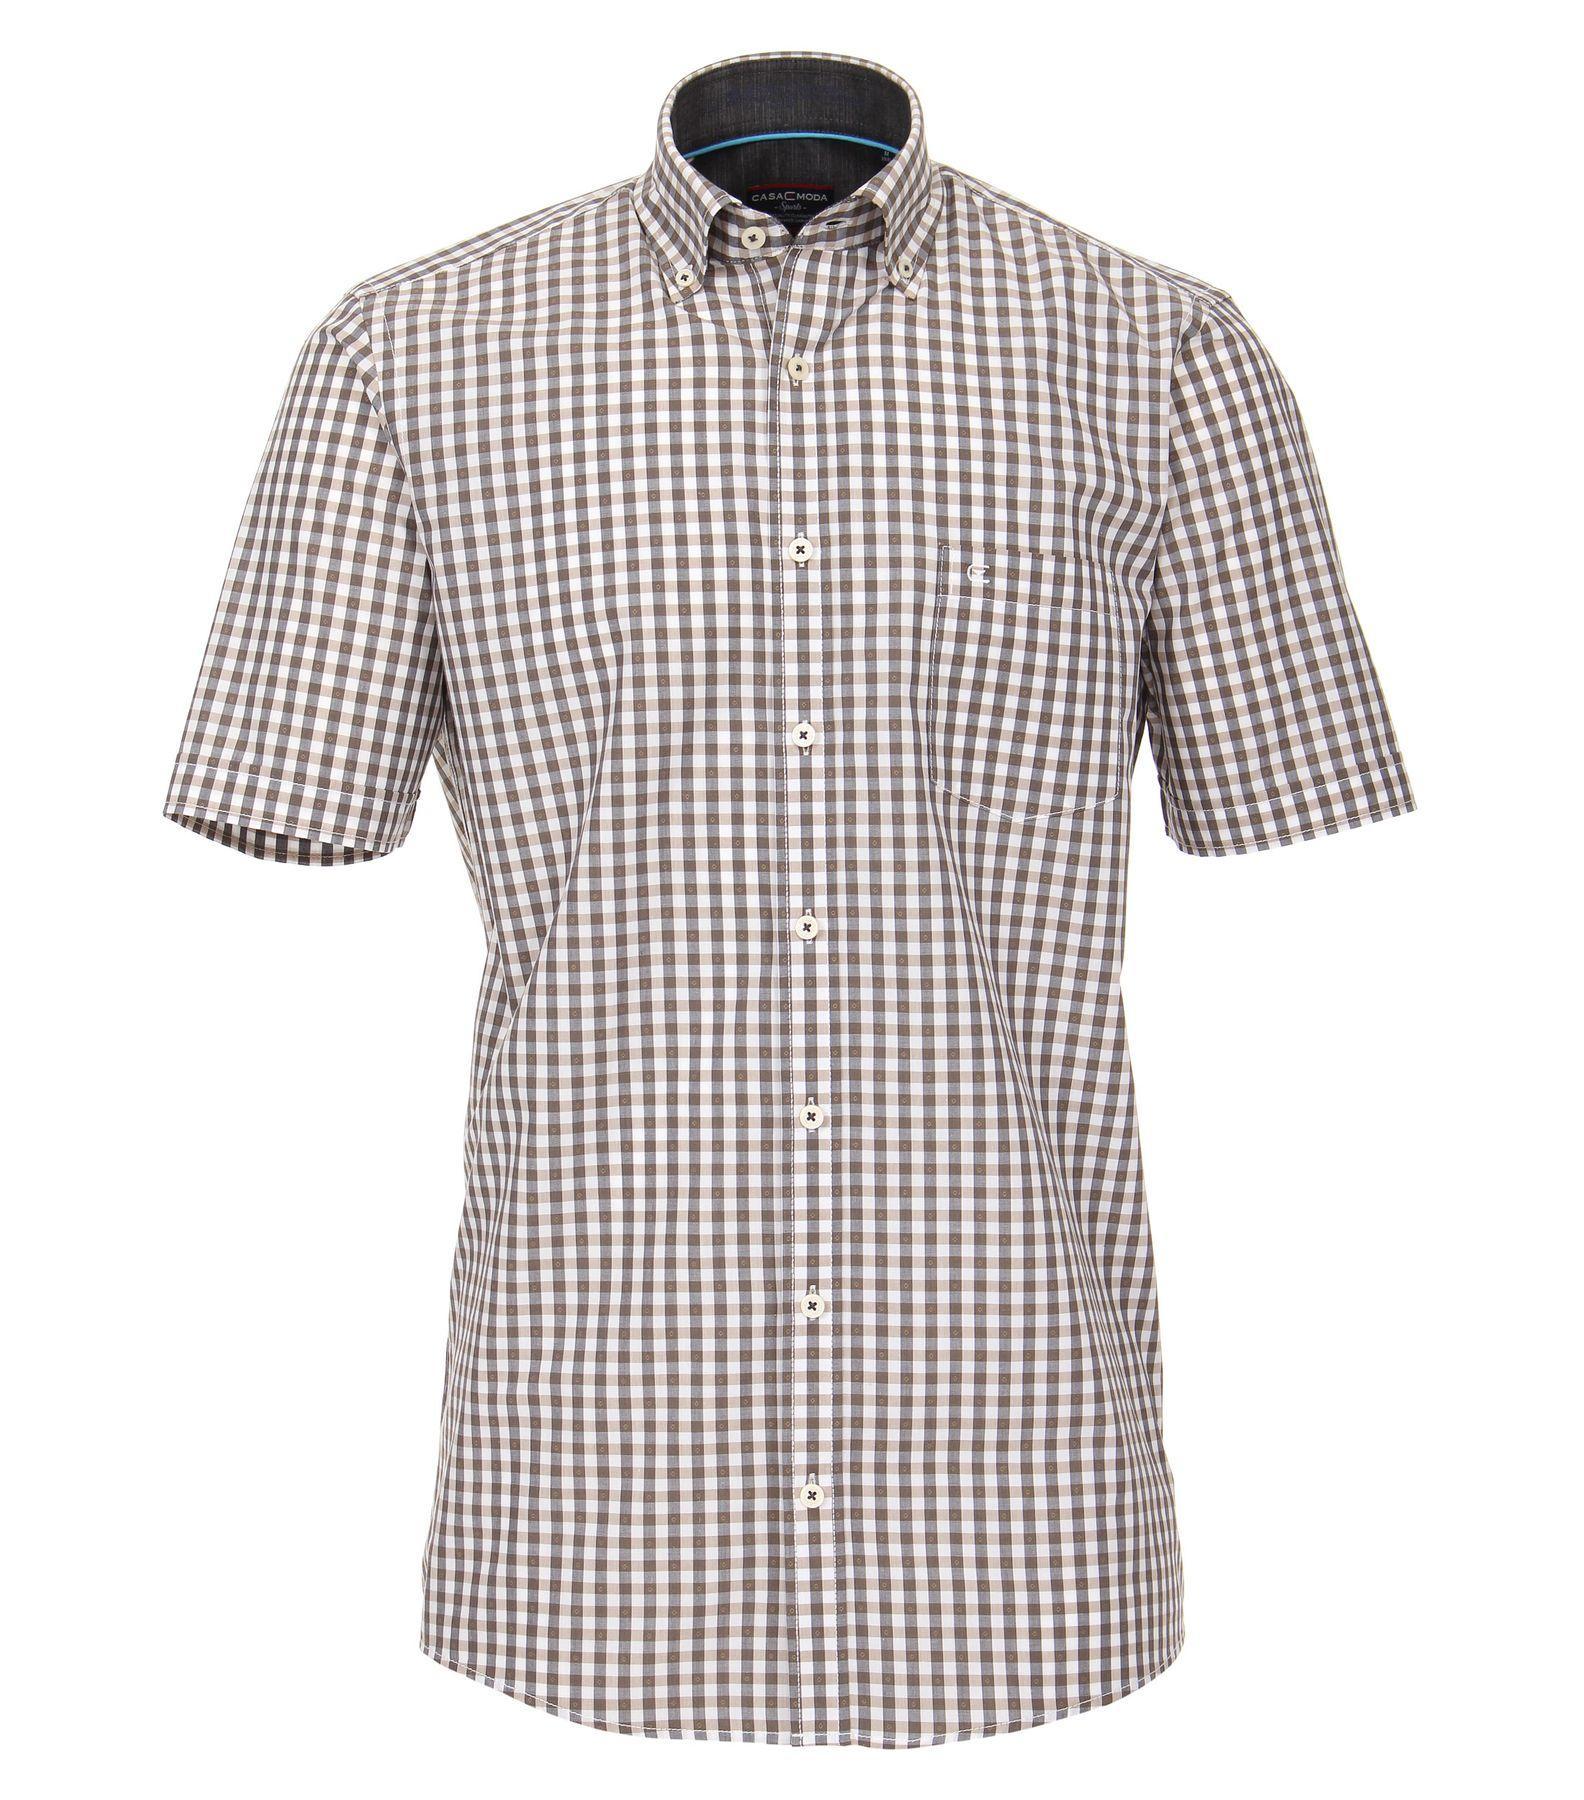 Casa Moda - Comfort Fit - Dobby Herren Freizeit 1/2-Arm-Hemd kariert mit Button-Down Kragen in türkis oder anthrazit (982972600) – Bild 2